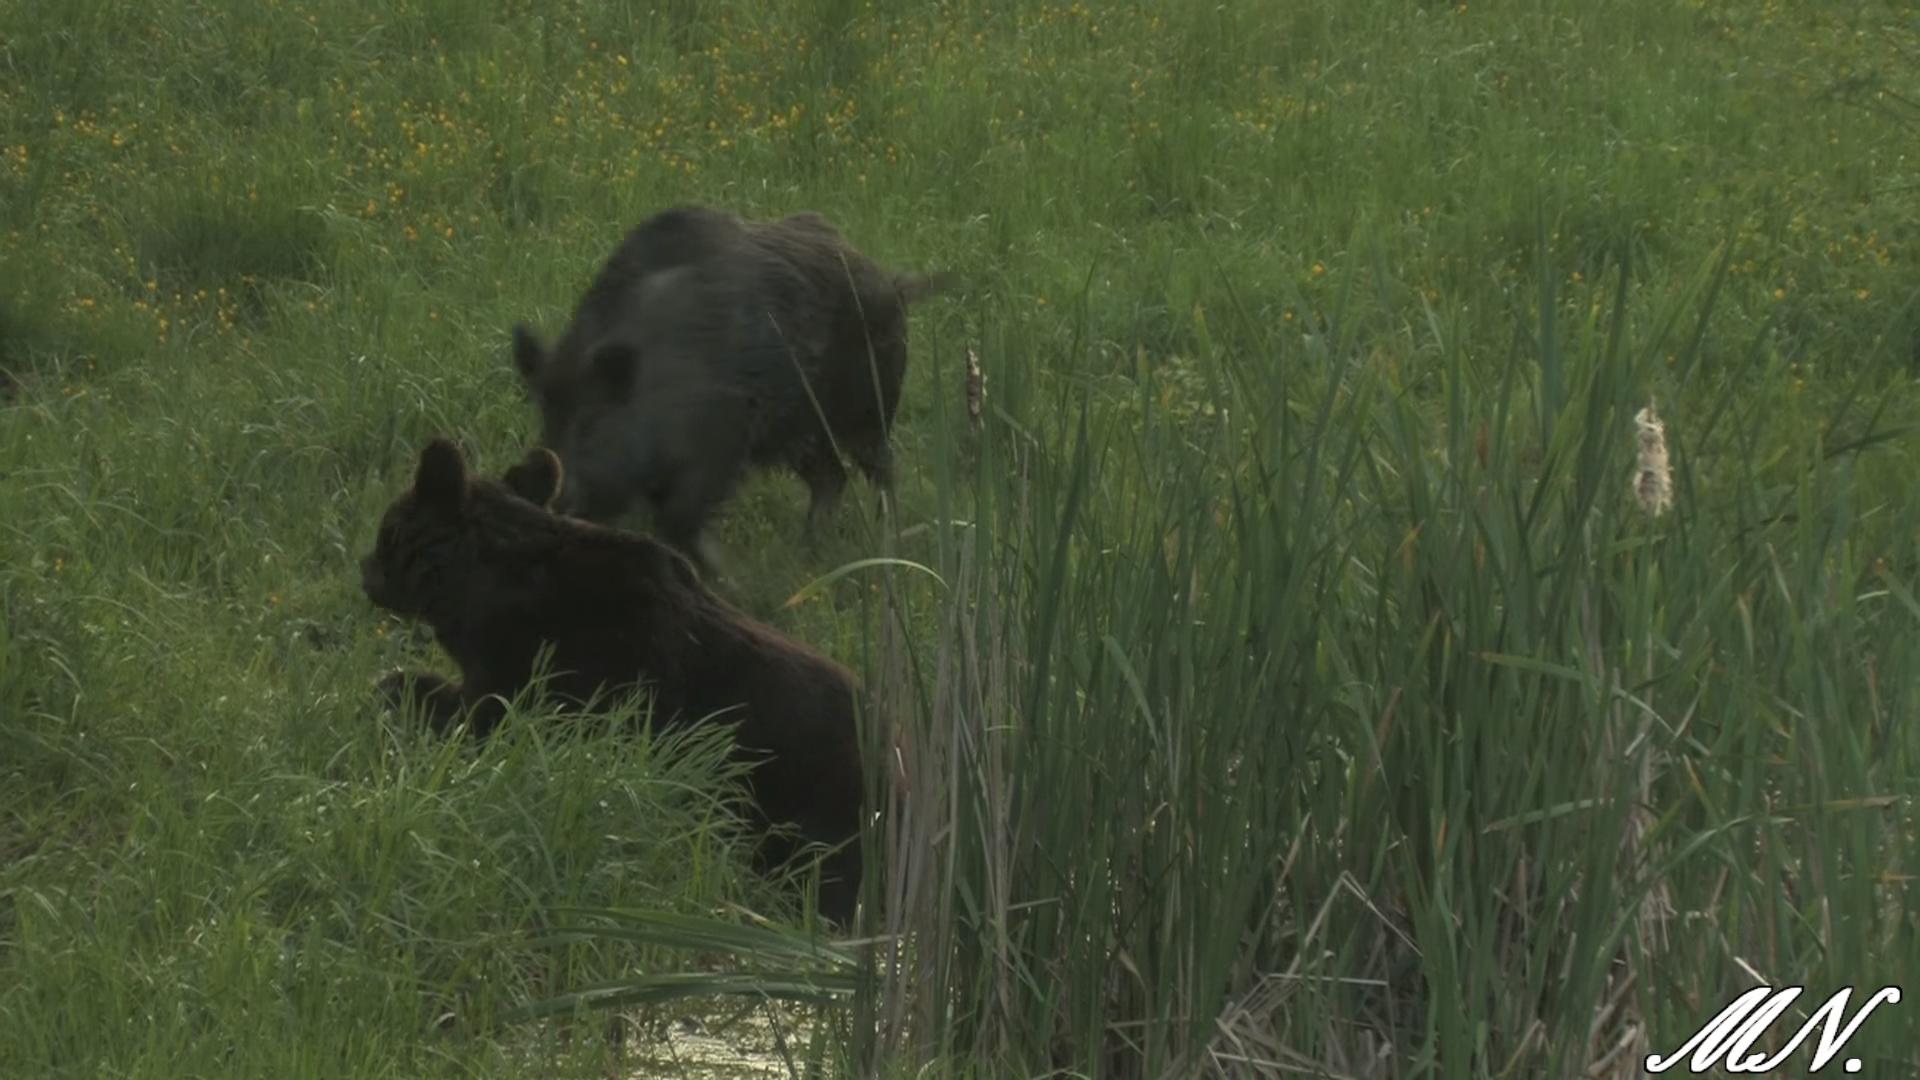 Niedźwiedź i dzik spotykają się w Bieszczadach. Nie uwierzysz co się stało [VIDEO] - Zdjęcie główne